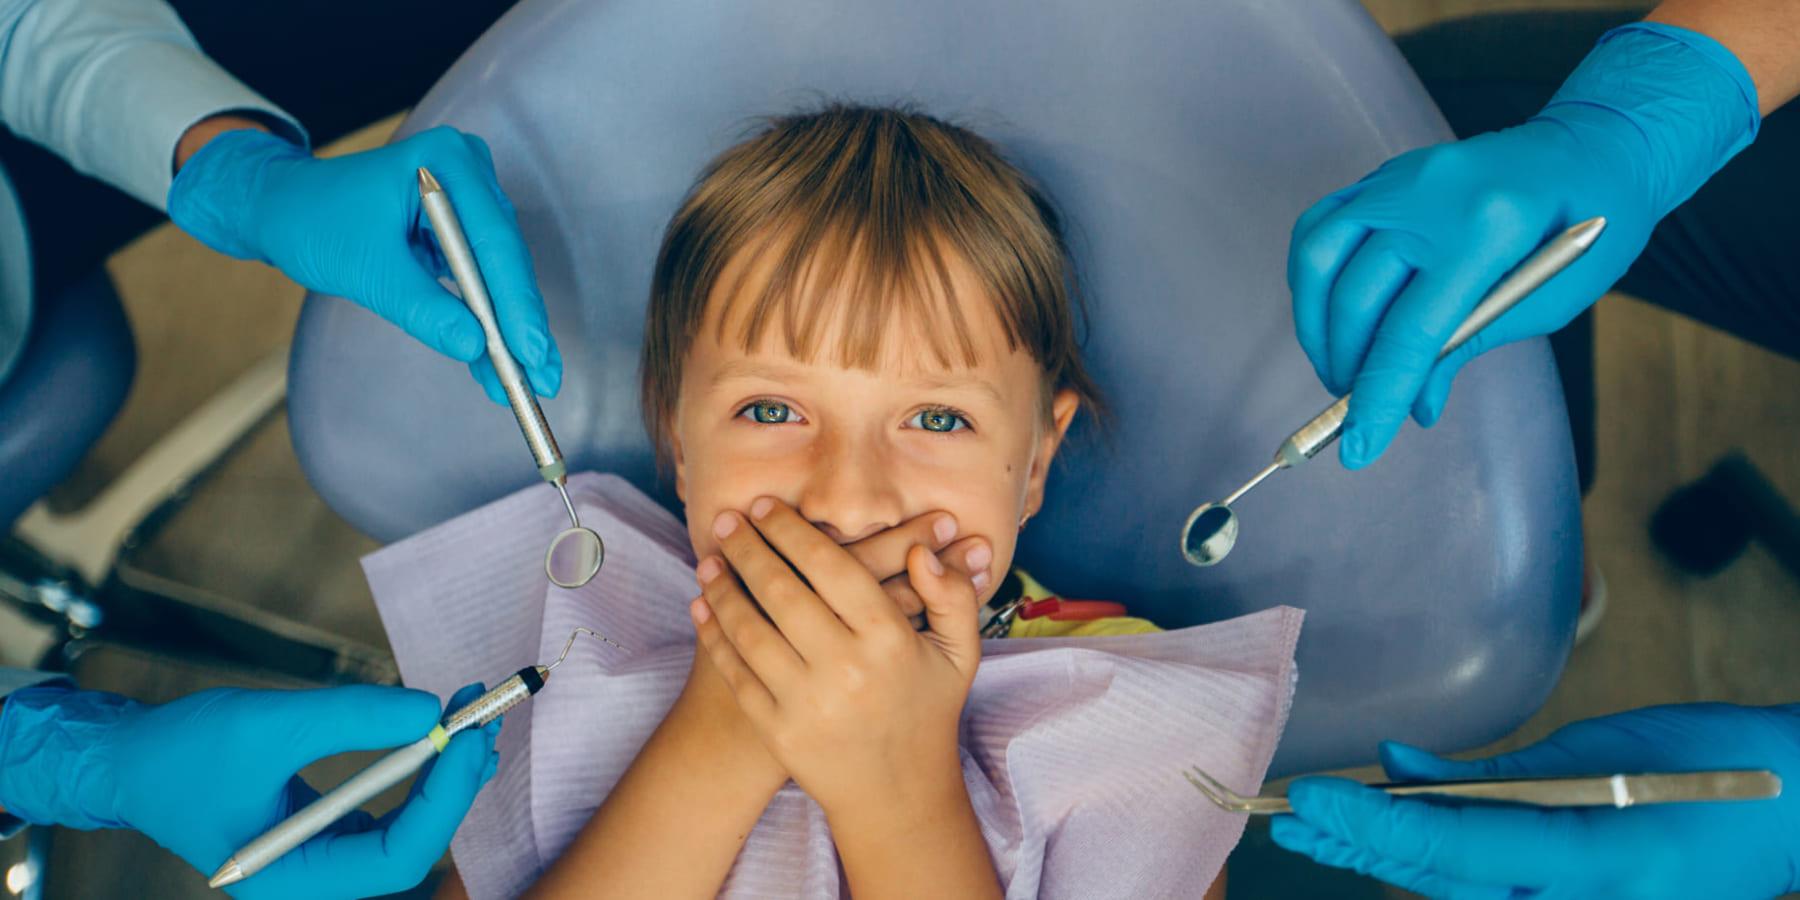 治療中の患者をリラックスさせる、ウィーン生まれの音響映像メガネ